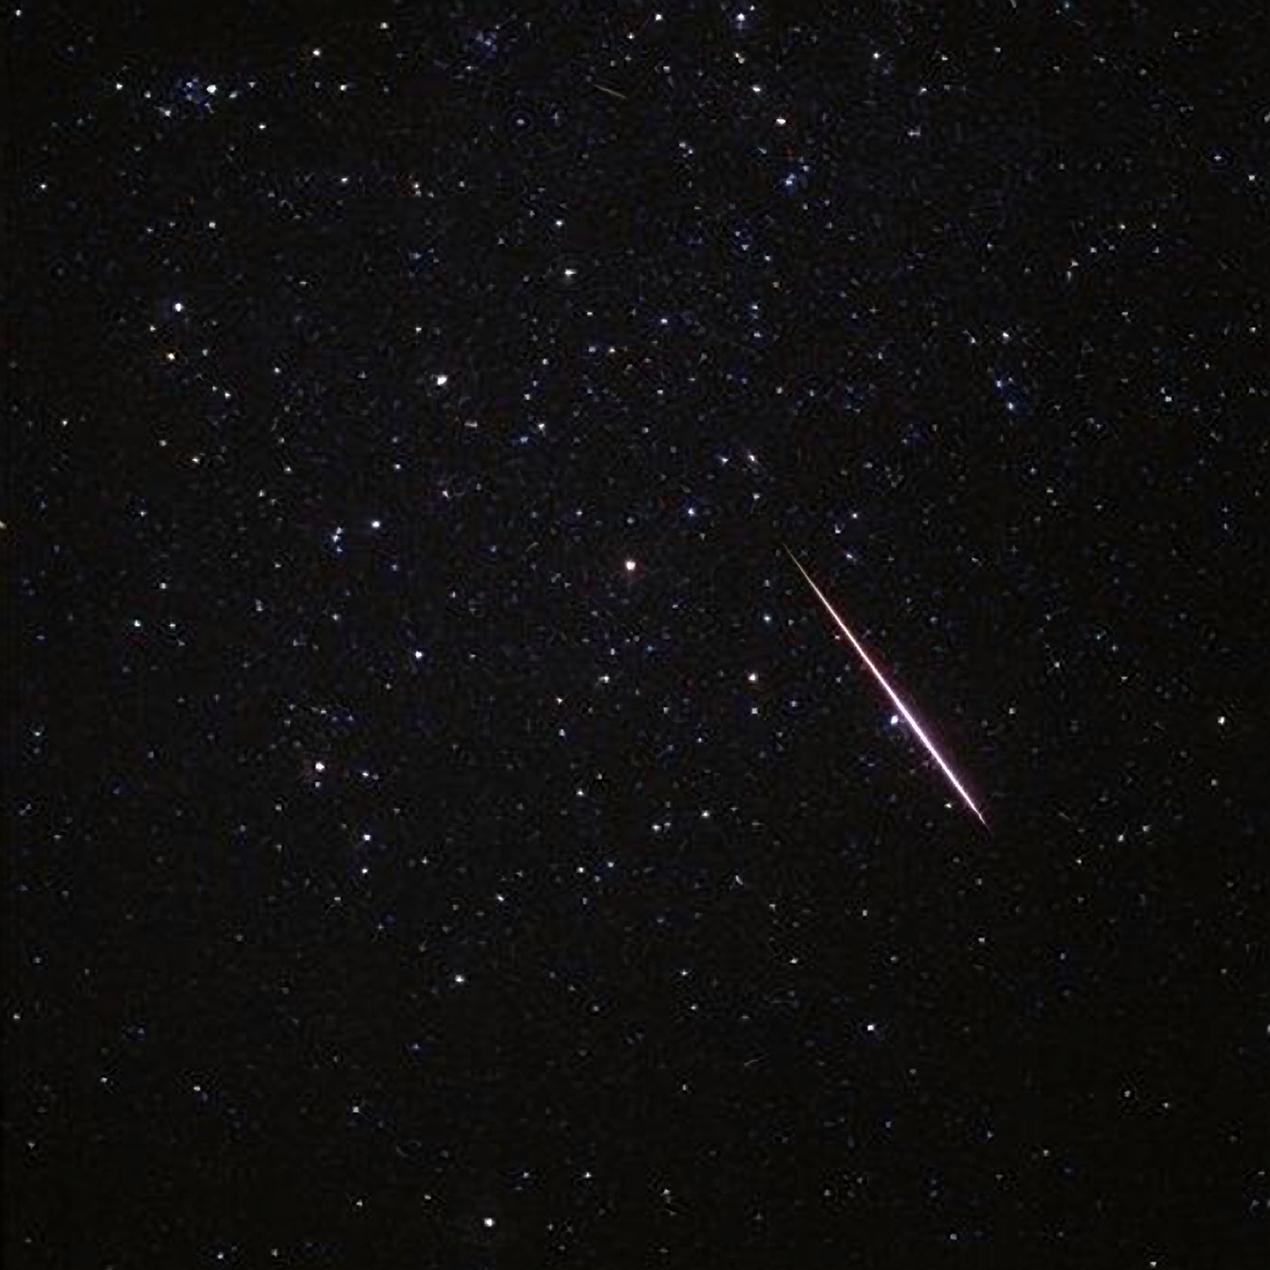 image of comet